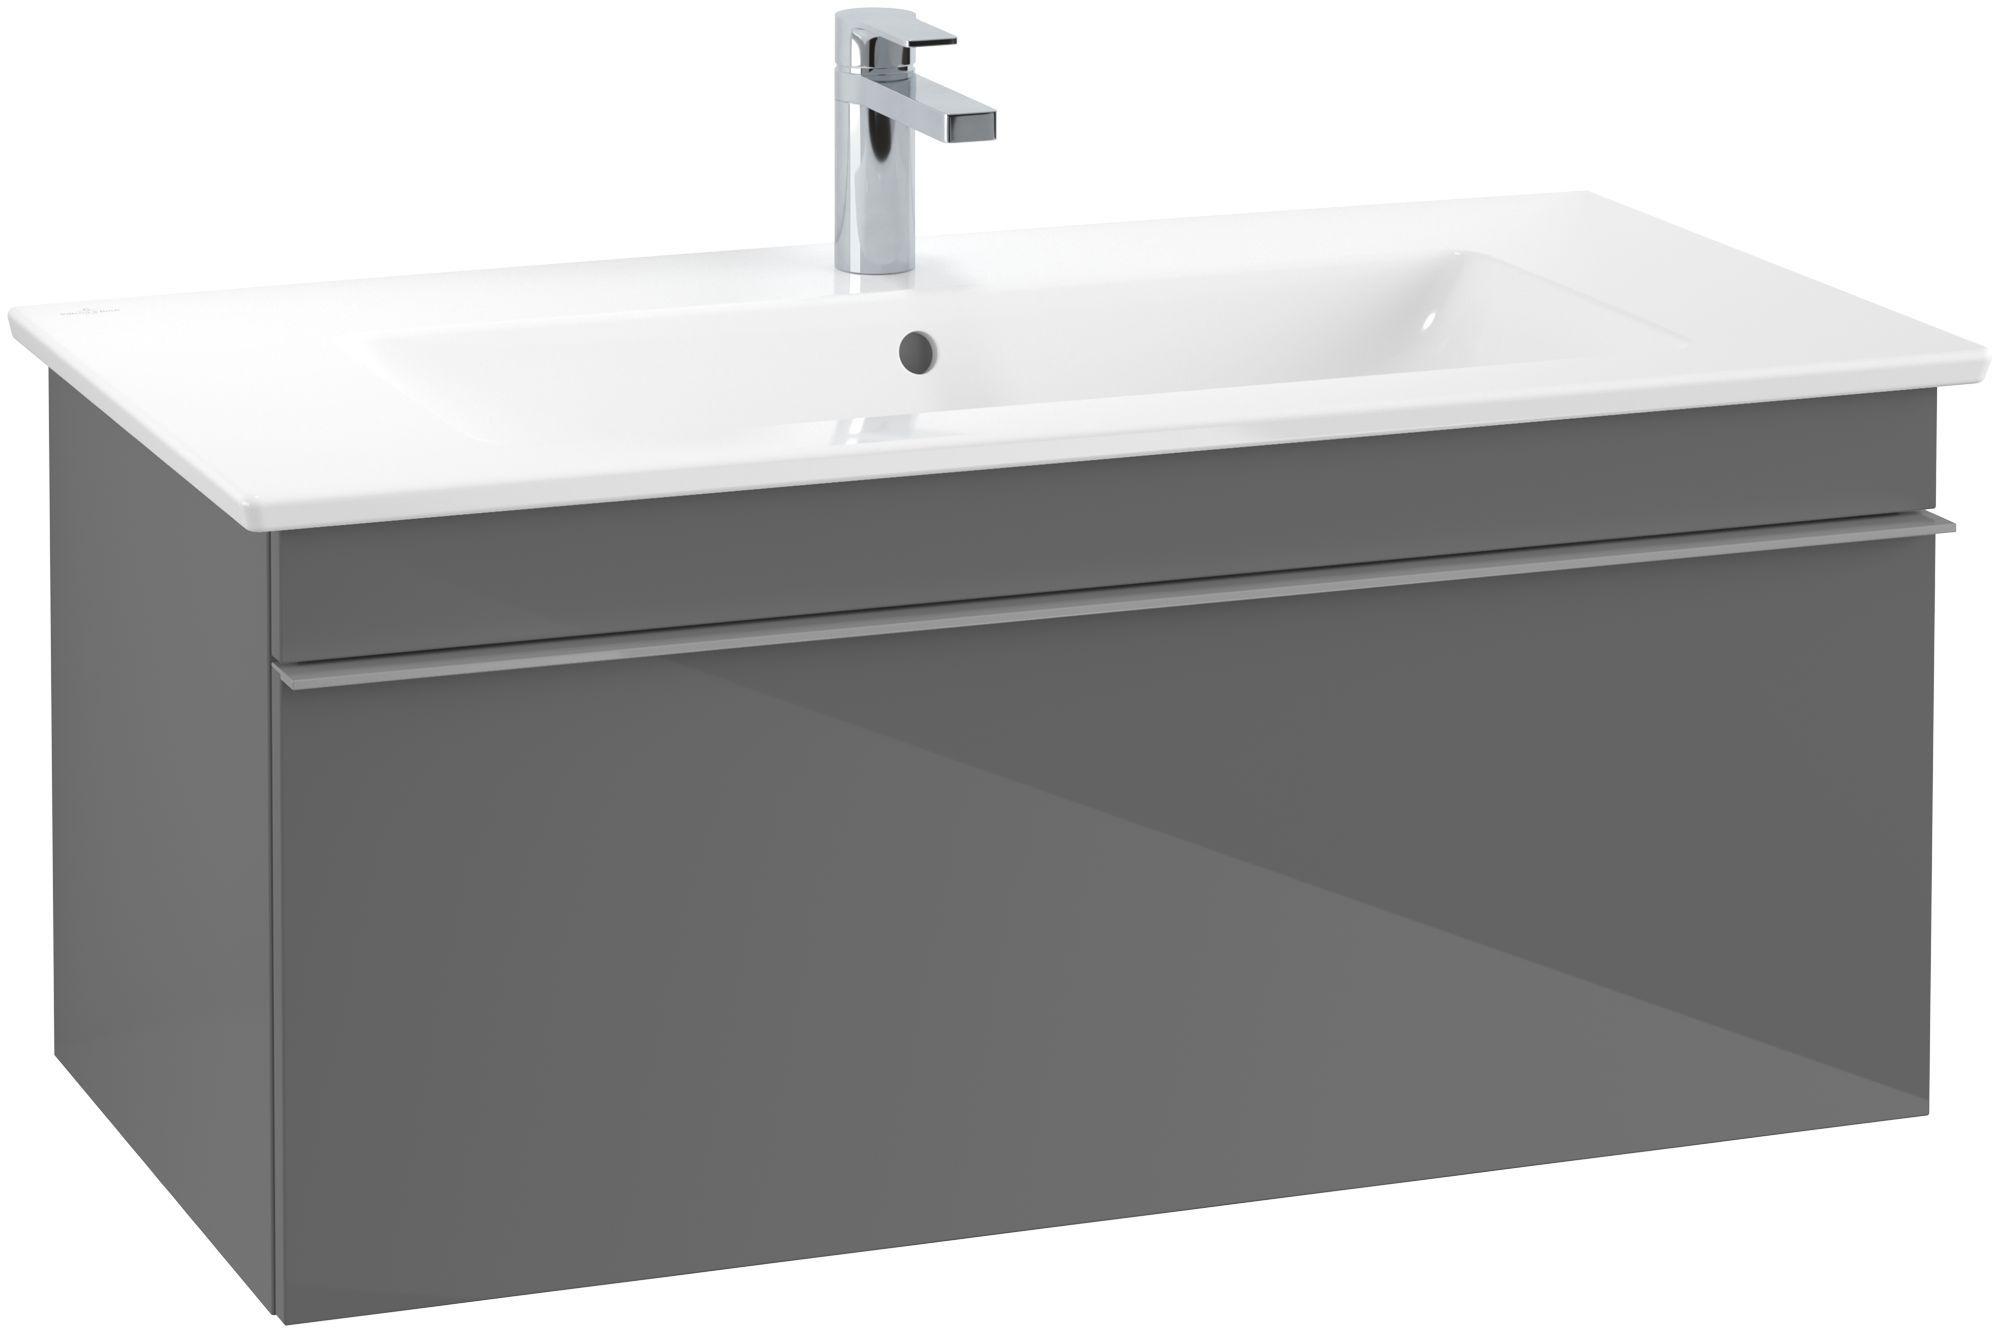 Villeroy & Boch Venticello Waschtischunterschrank 1 Auszug B:953xT:502xH:420mm glossy grey Griffe grau A93503FP